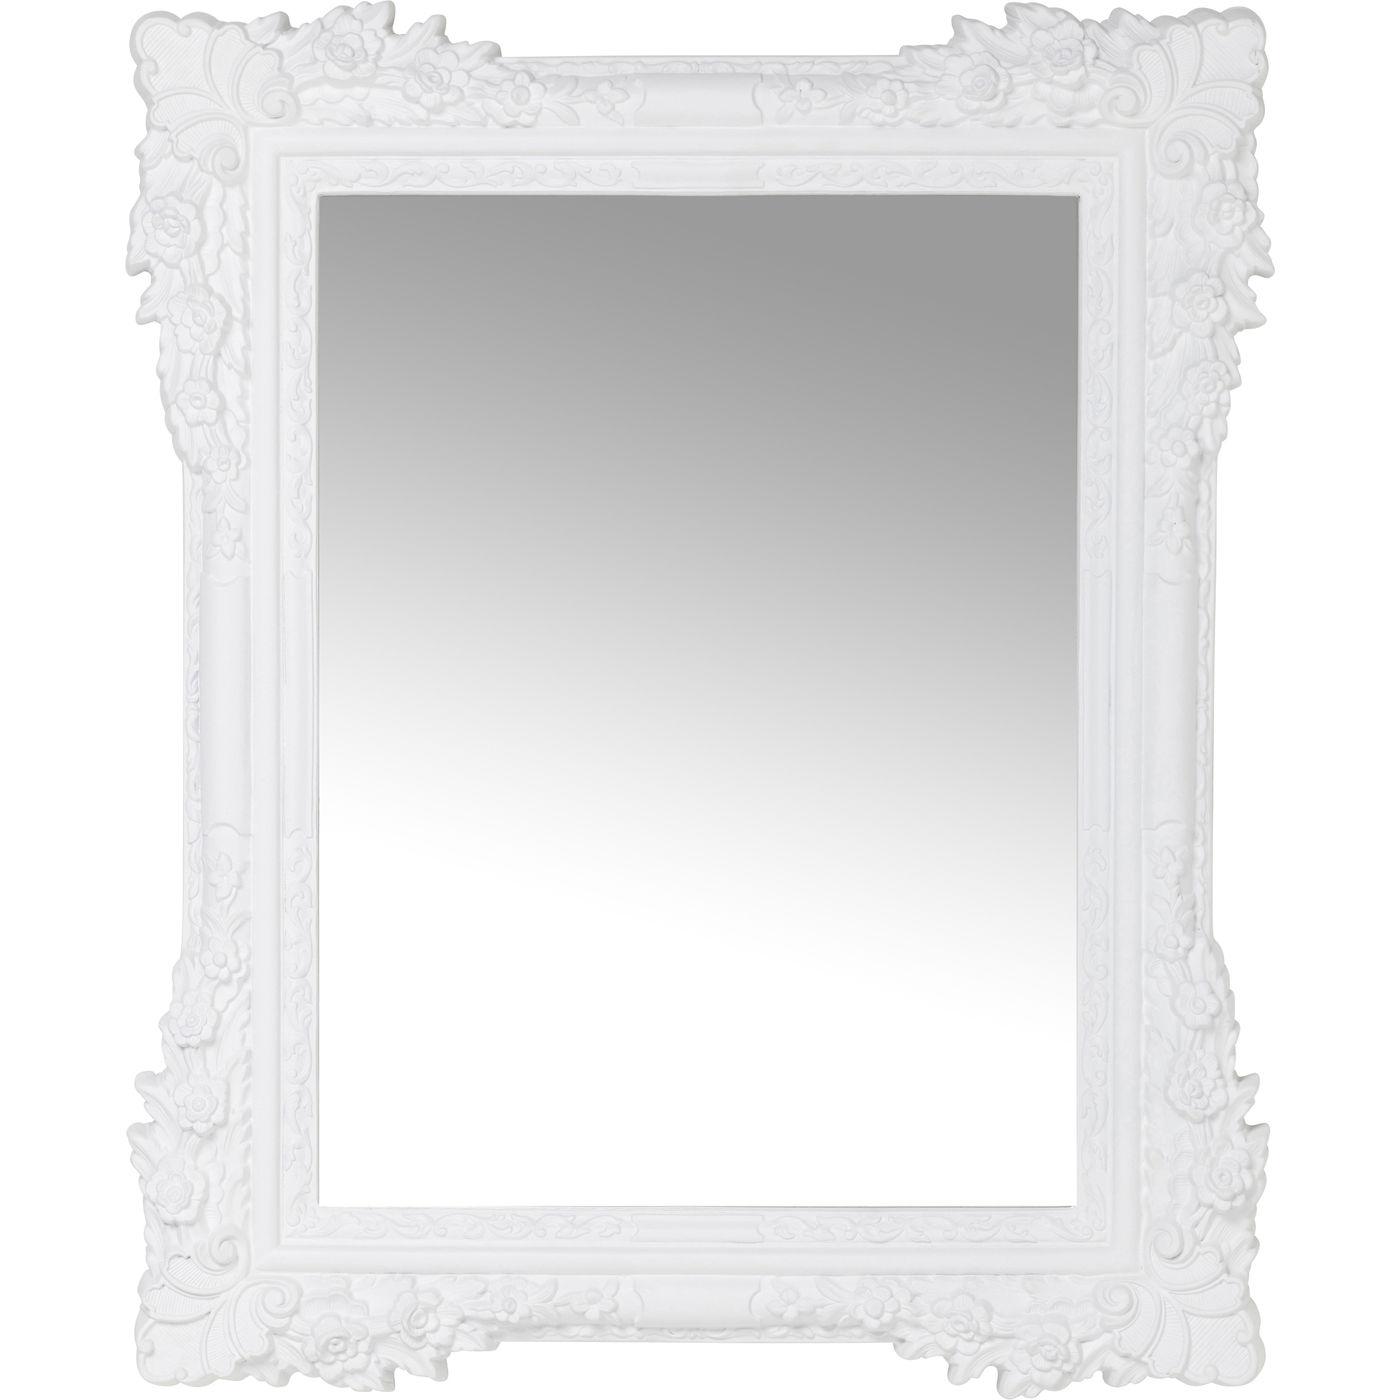 Spiegel Fiore Weiß 89x109